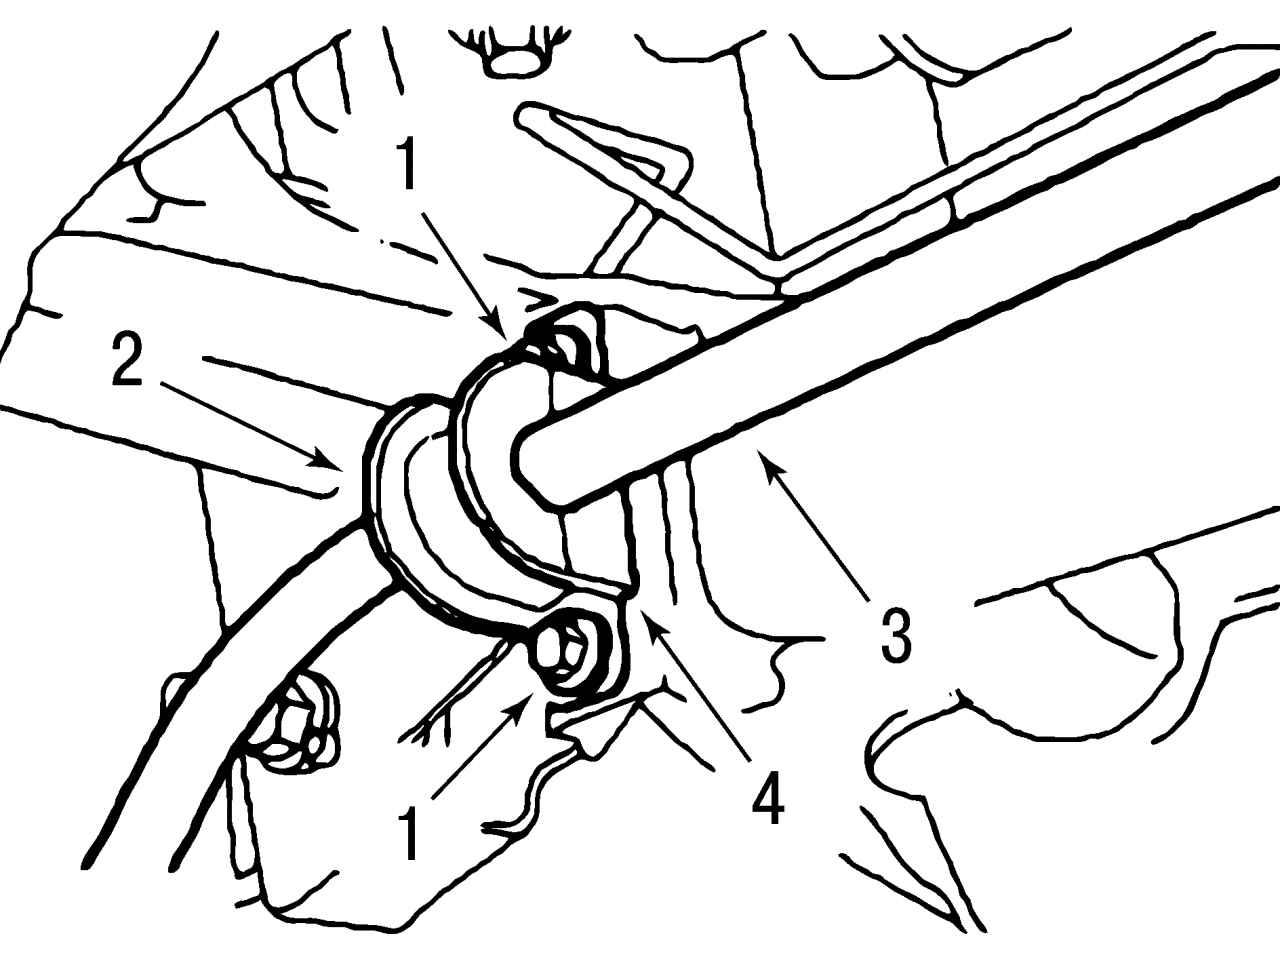 Стойка стабилизатора задней подвески форд фокус 1 23 фотография